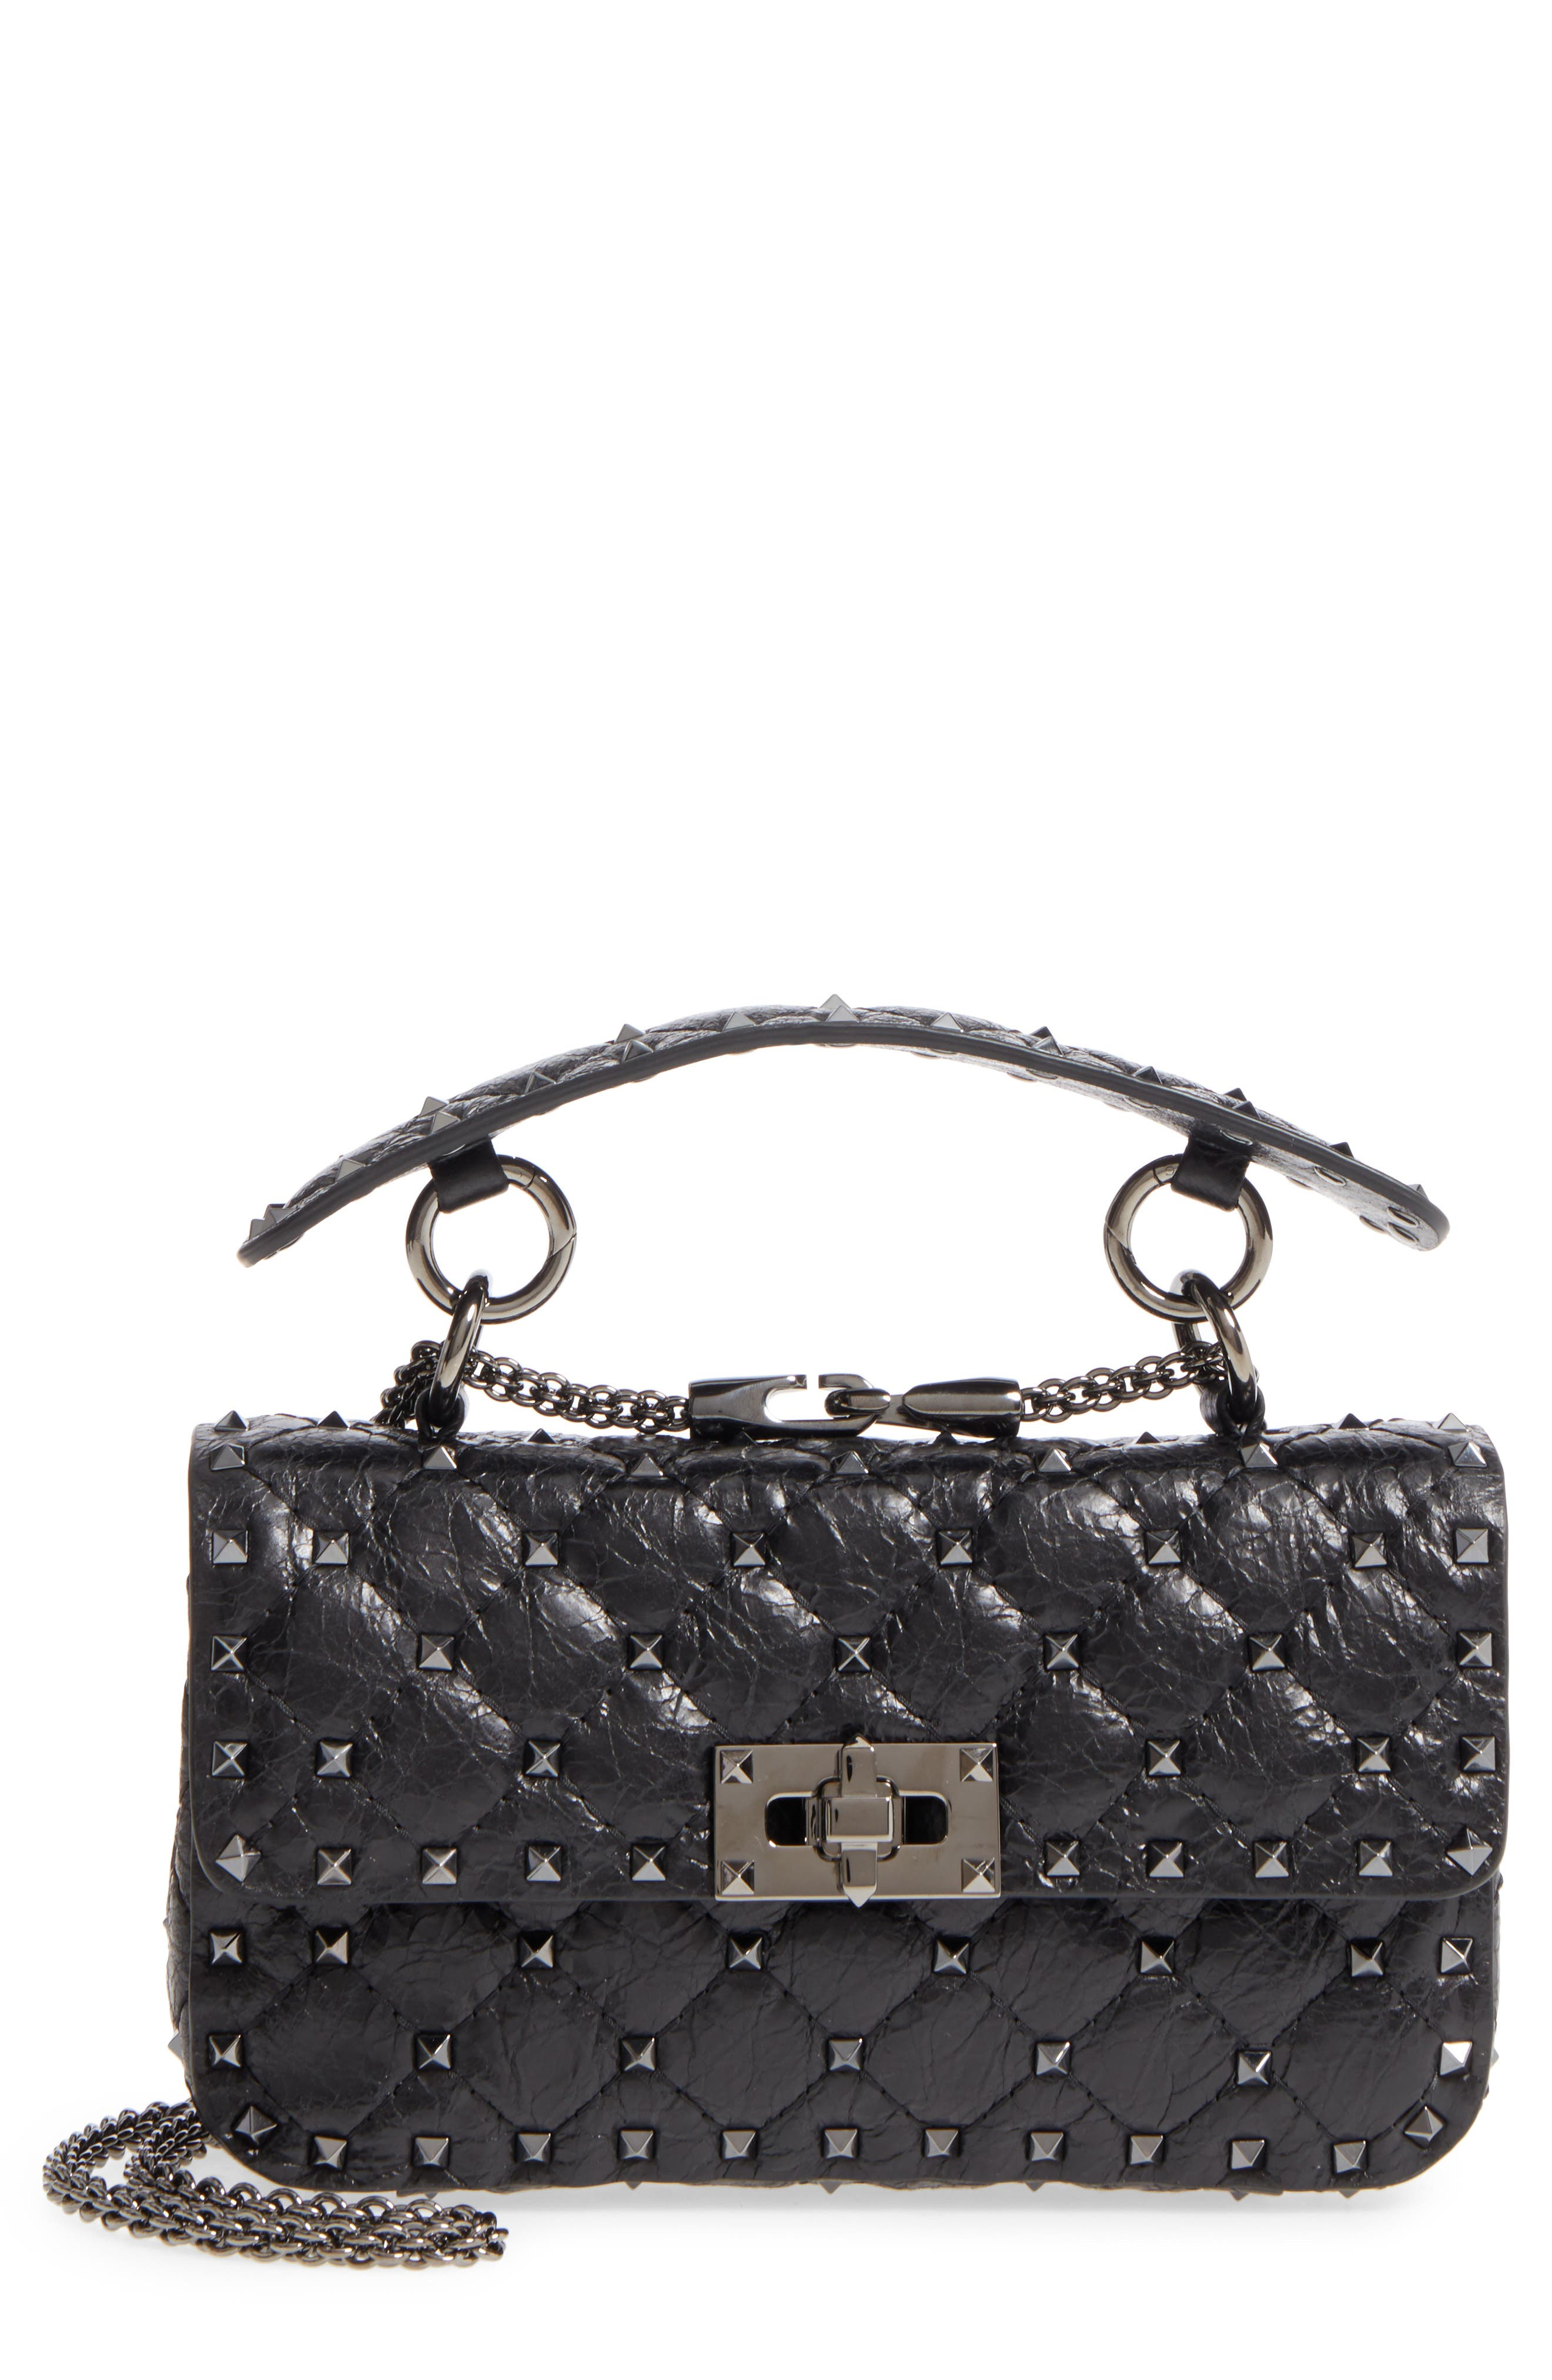 VALENTINO GARAVANI Vitello Rockstud Leather Shoulder Bag